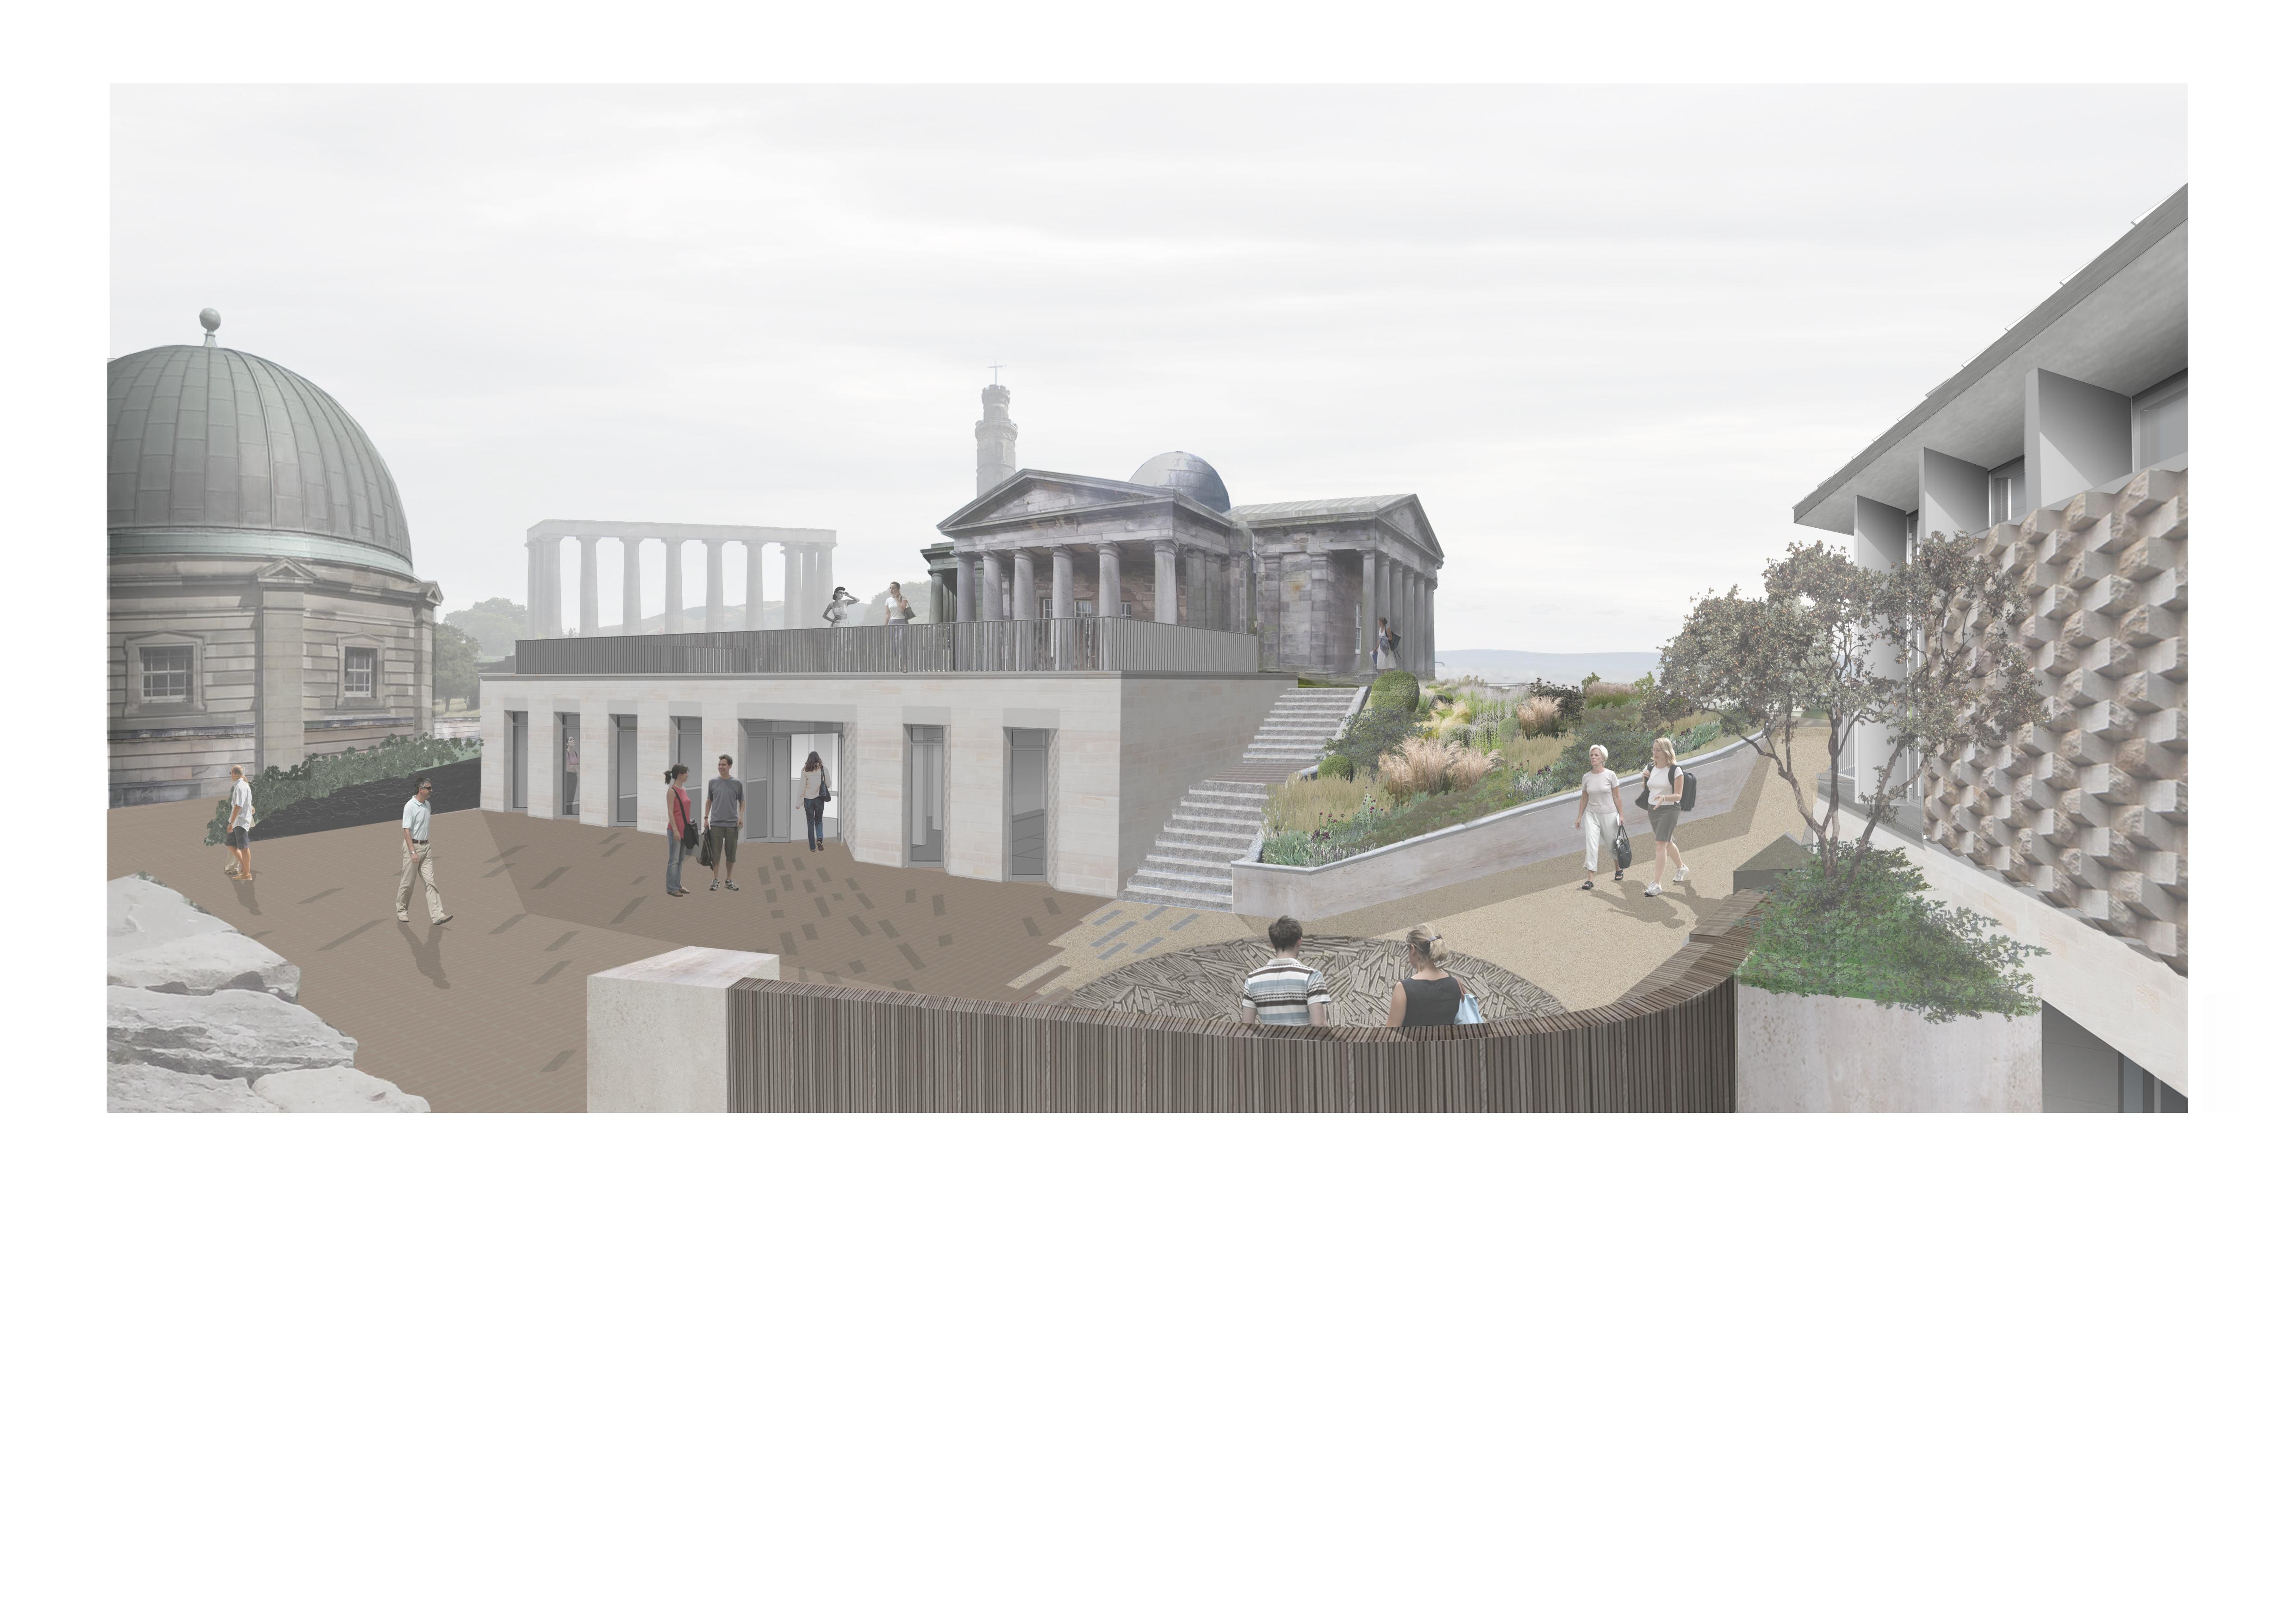 CityObservatoryPlans03_Subterranean_Gallery_View